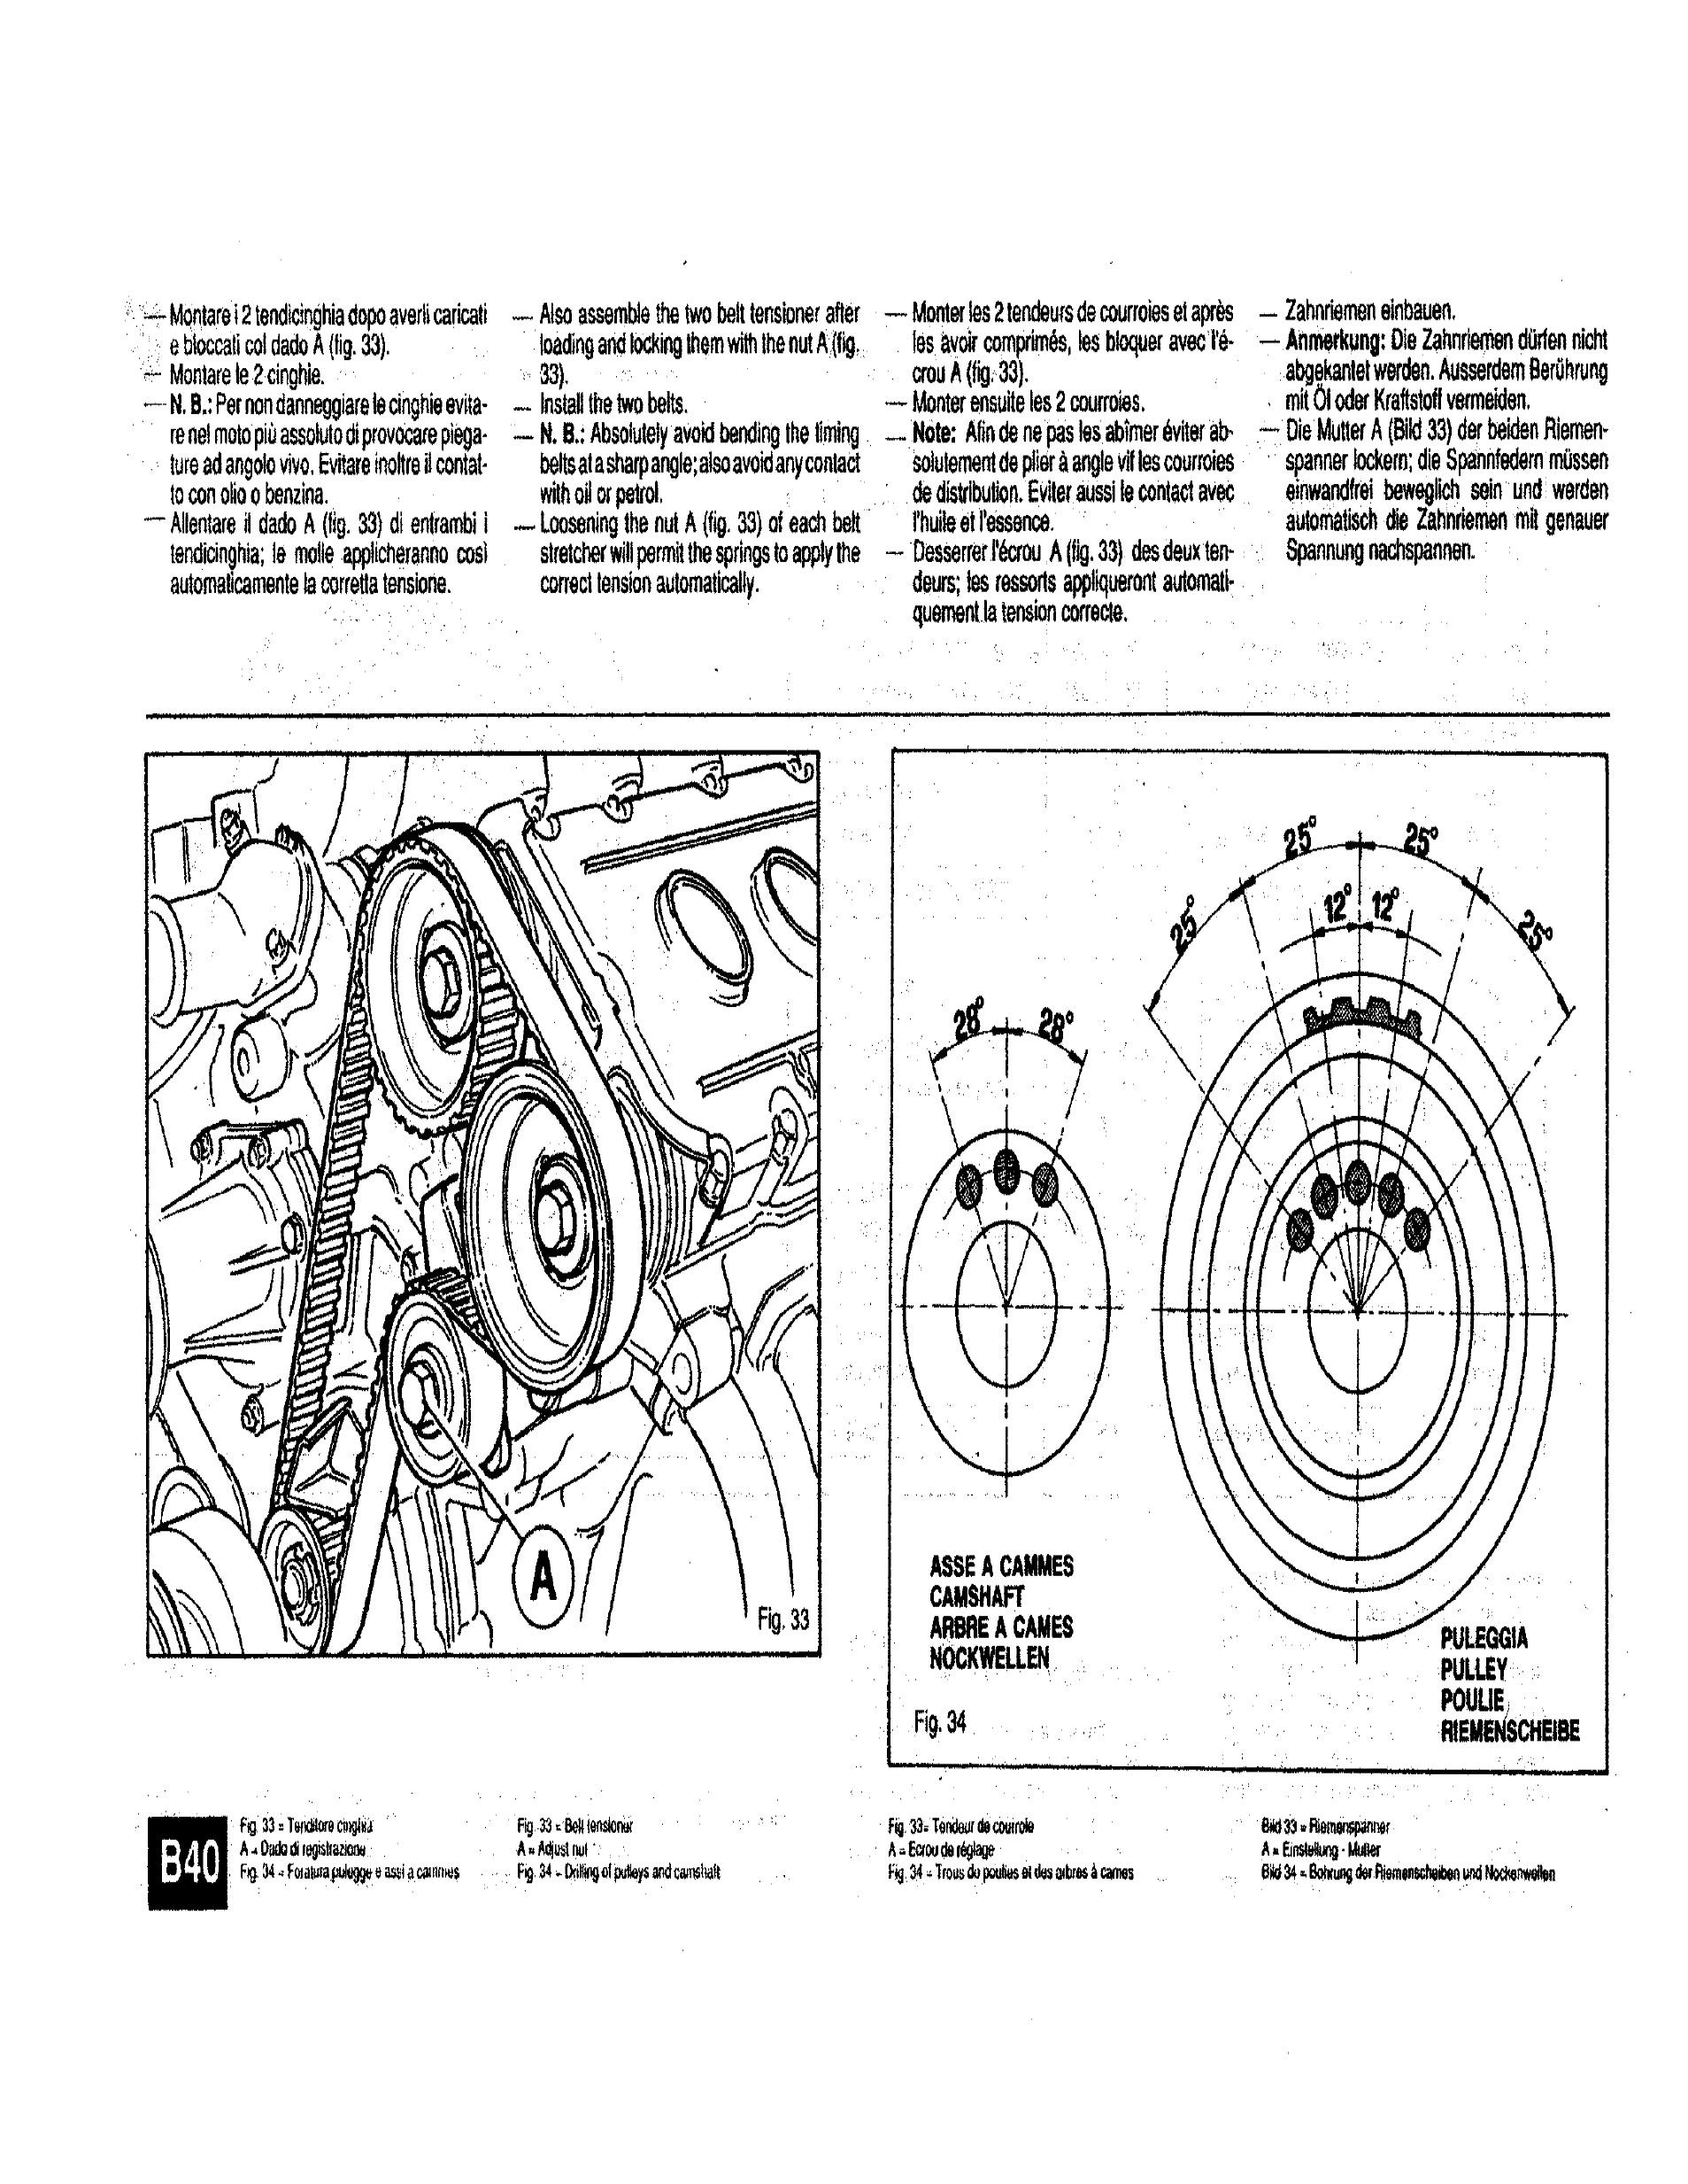 1984 ferrari 308 gts qv experience thread archive page 3 mx 5 miata